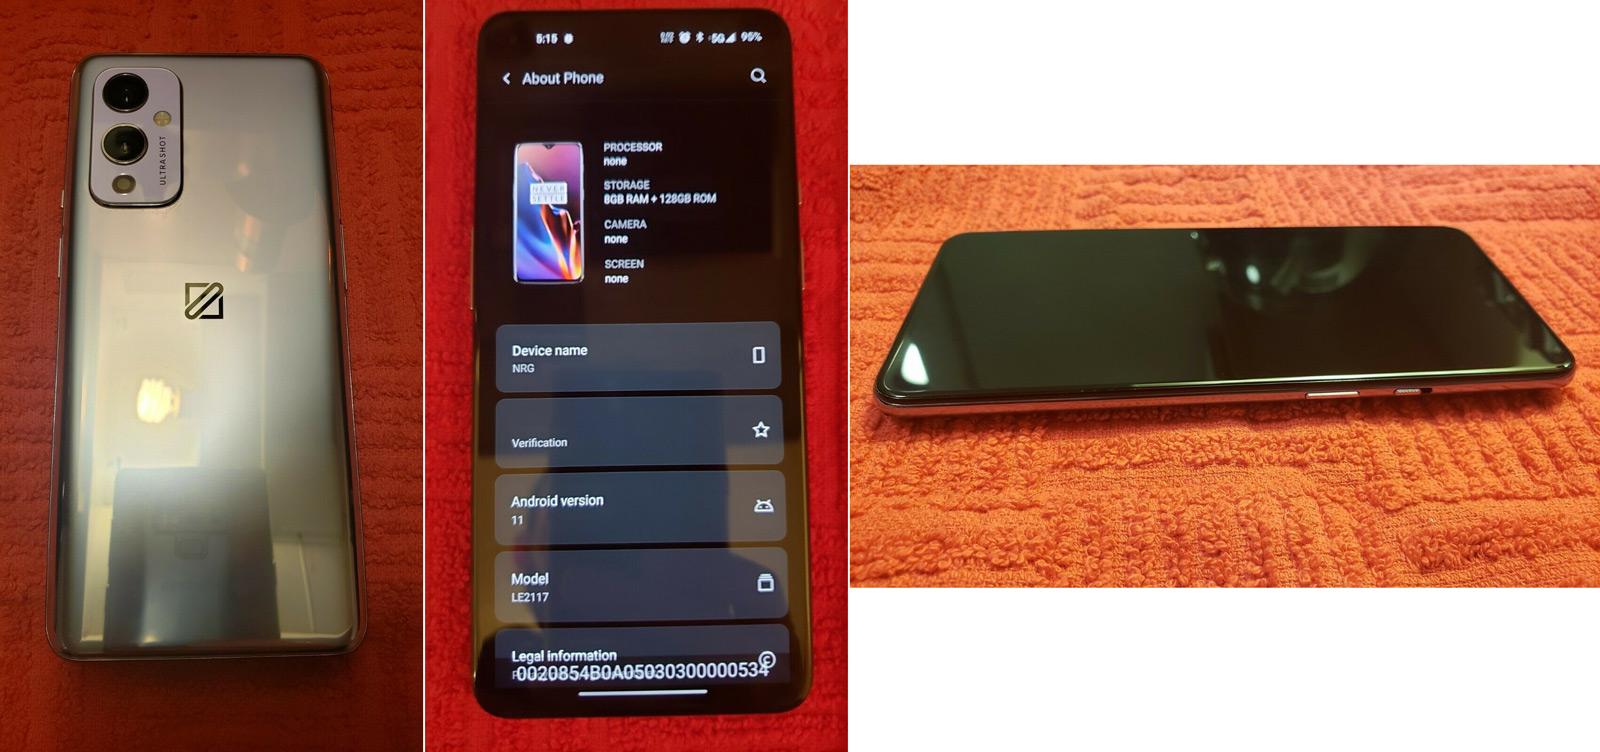 OnePlus 9 prototype